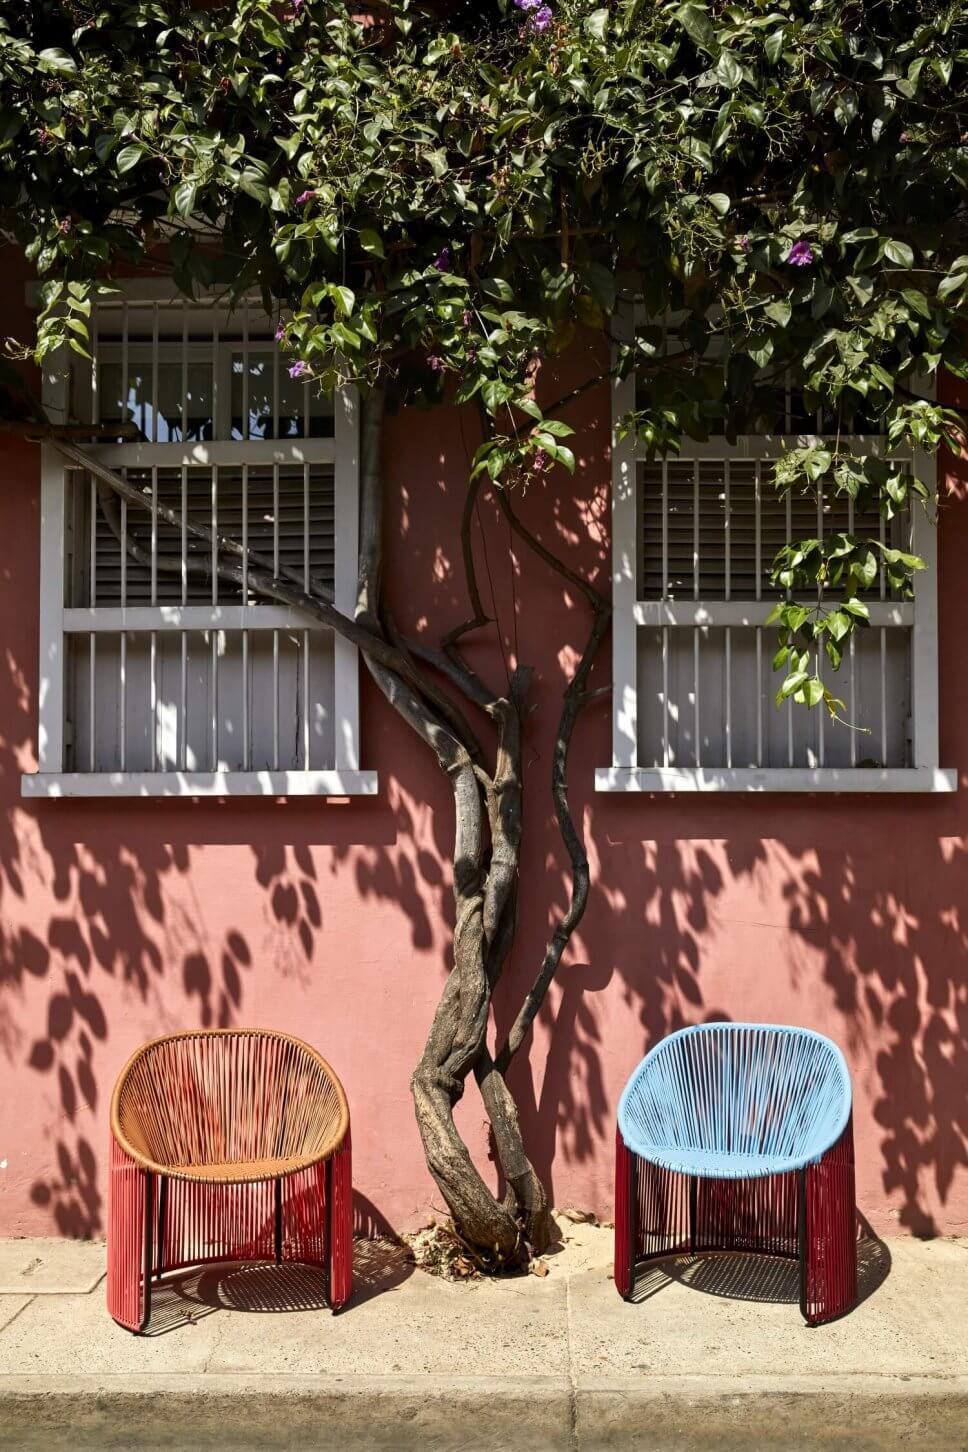 Sessel aus buntem Geflecht stehen vor Altbau in einer karibischen Kolonialstadt